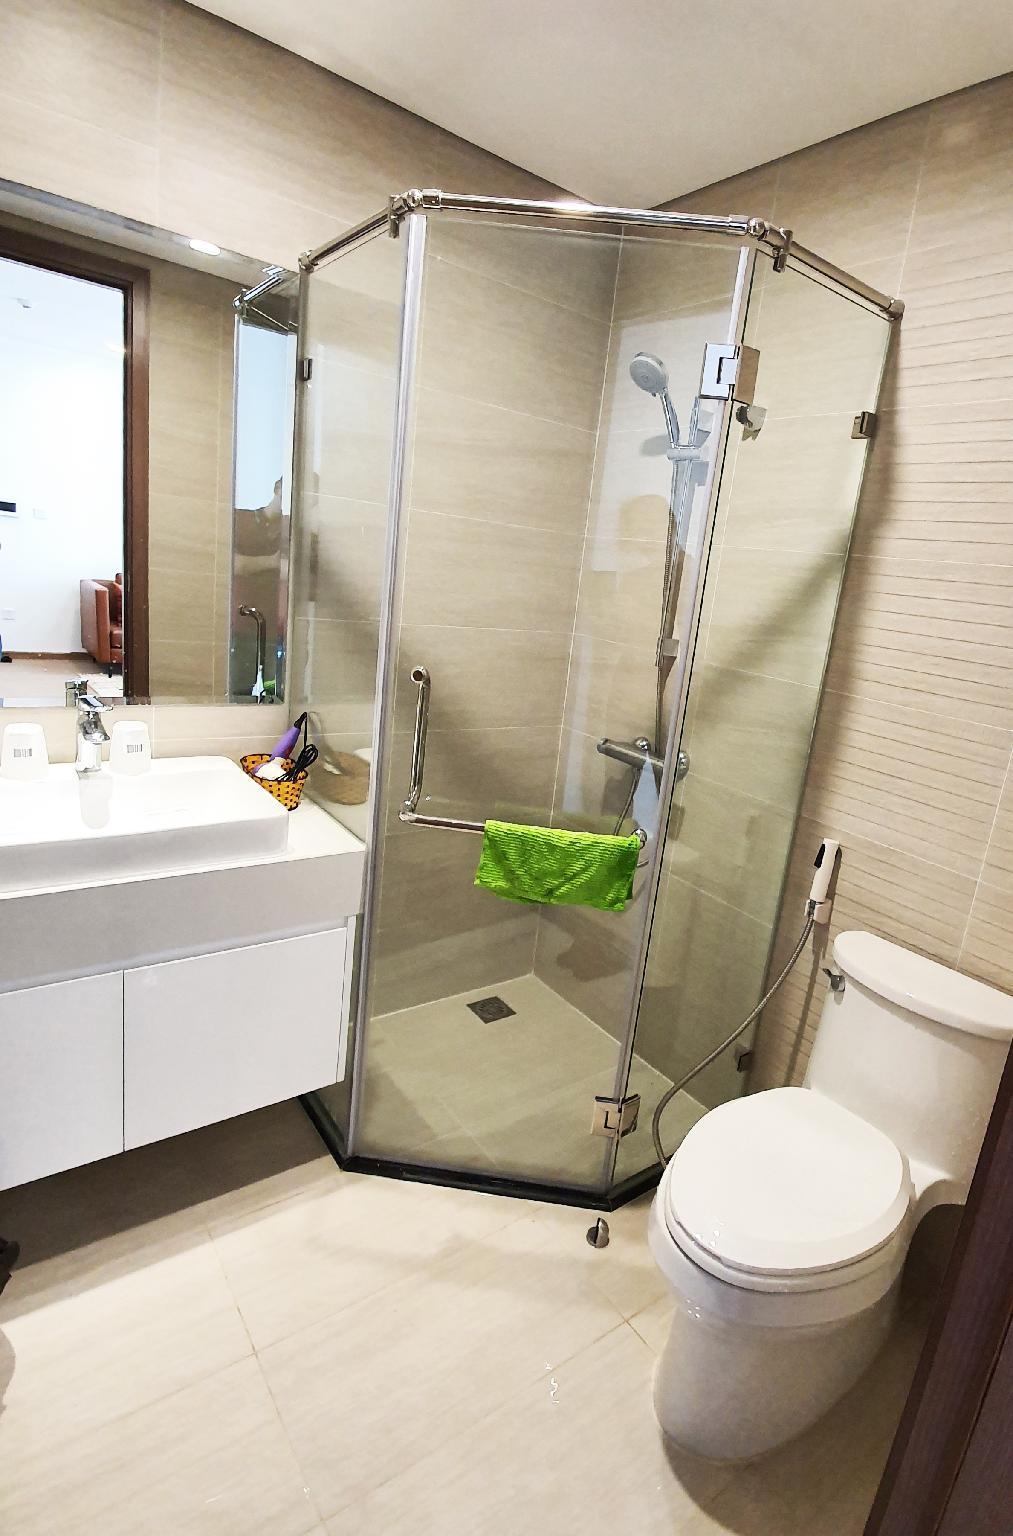 A&T05 Luxury 1 BR Apt In Vinhomes Skylake Keangnam